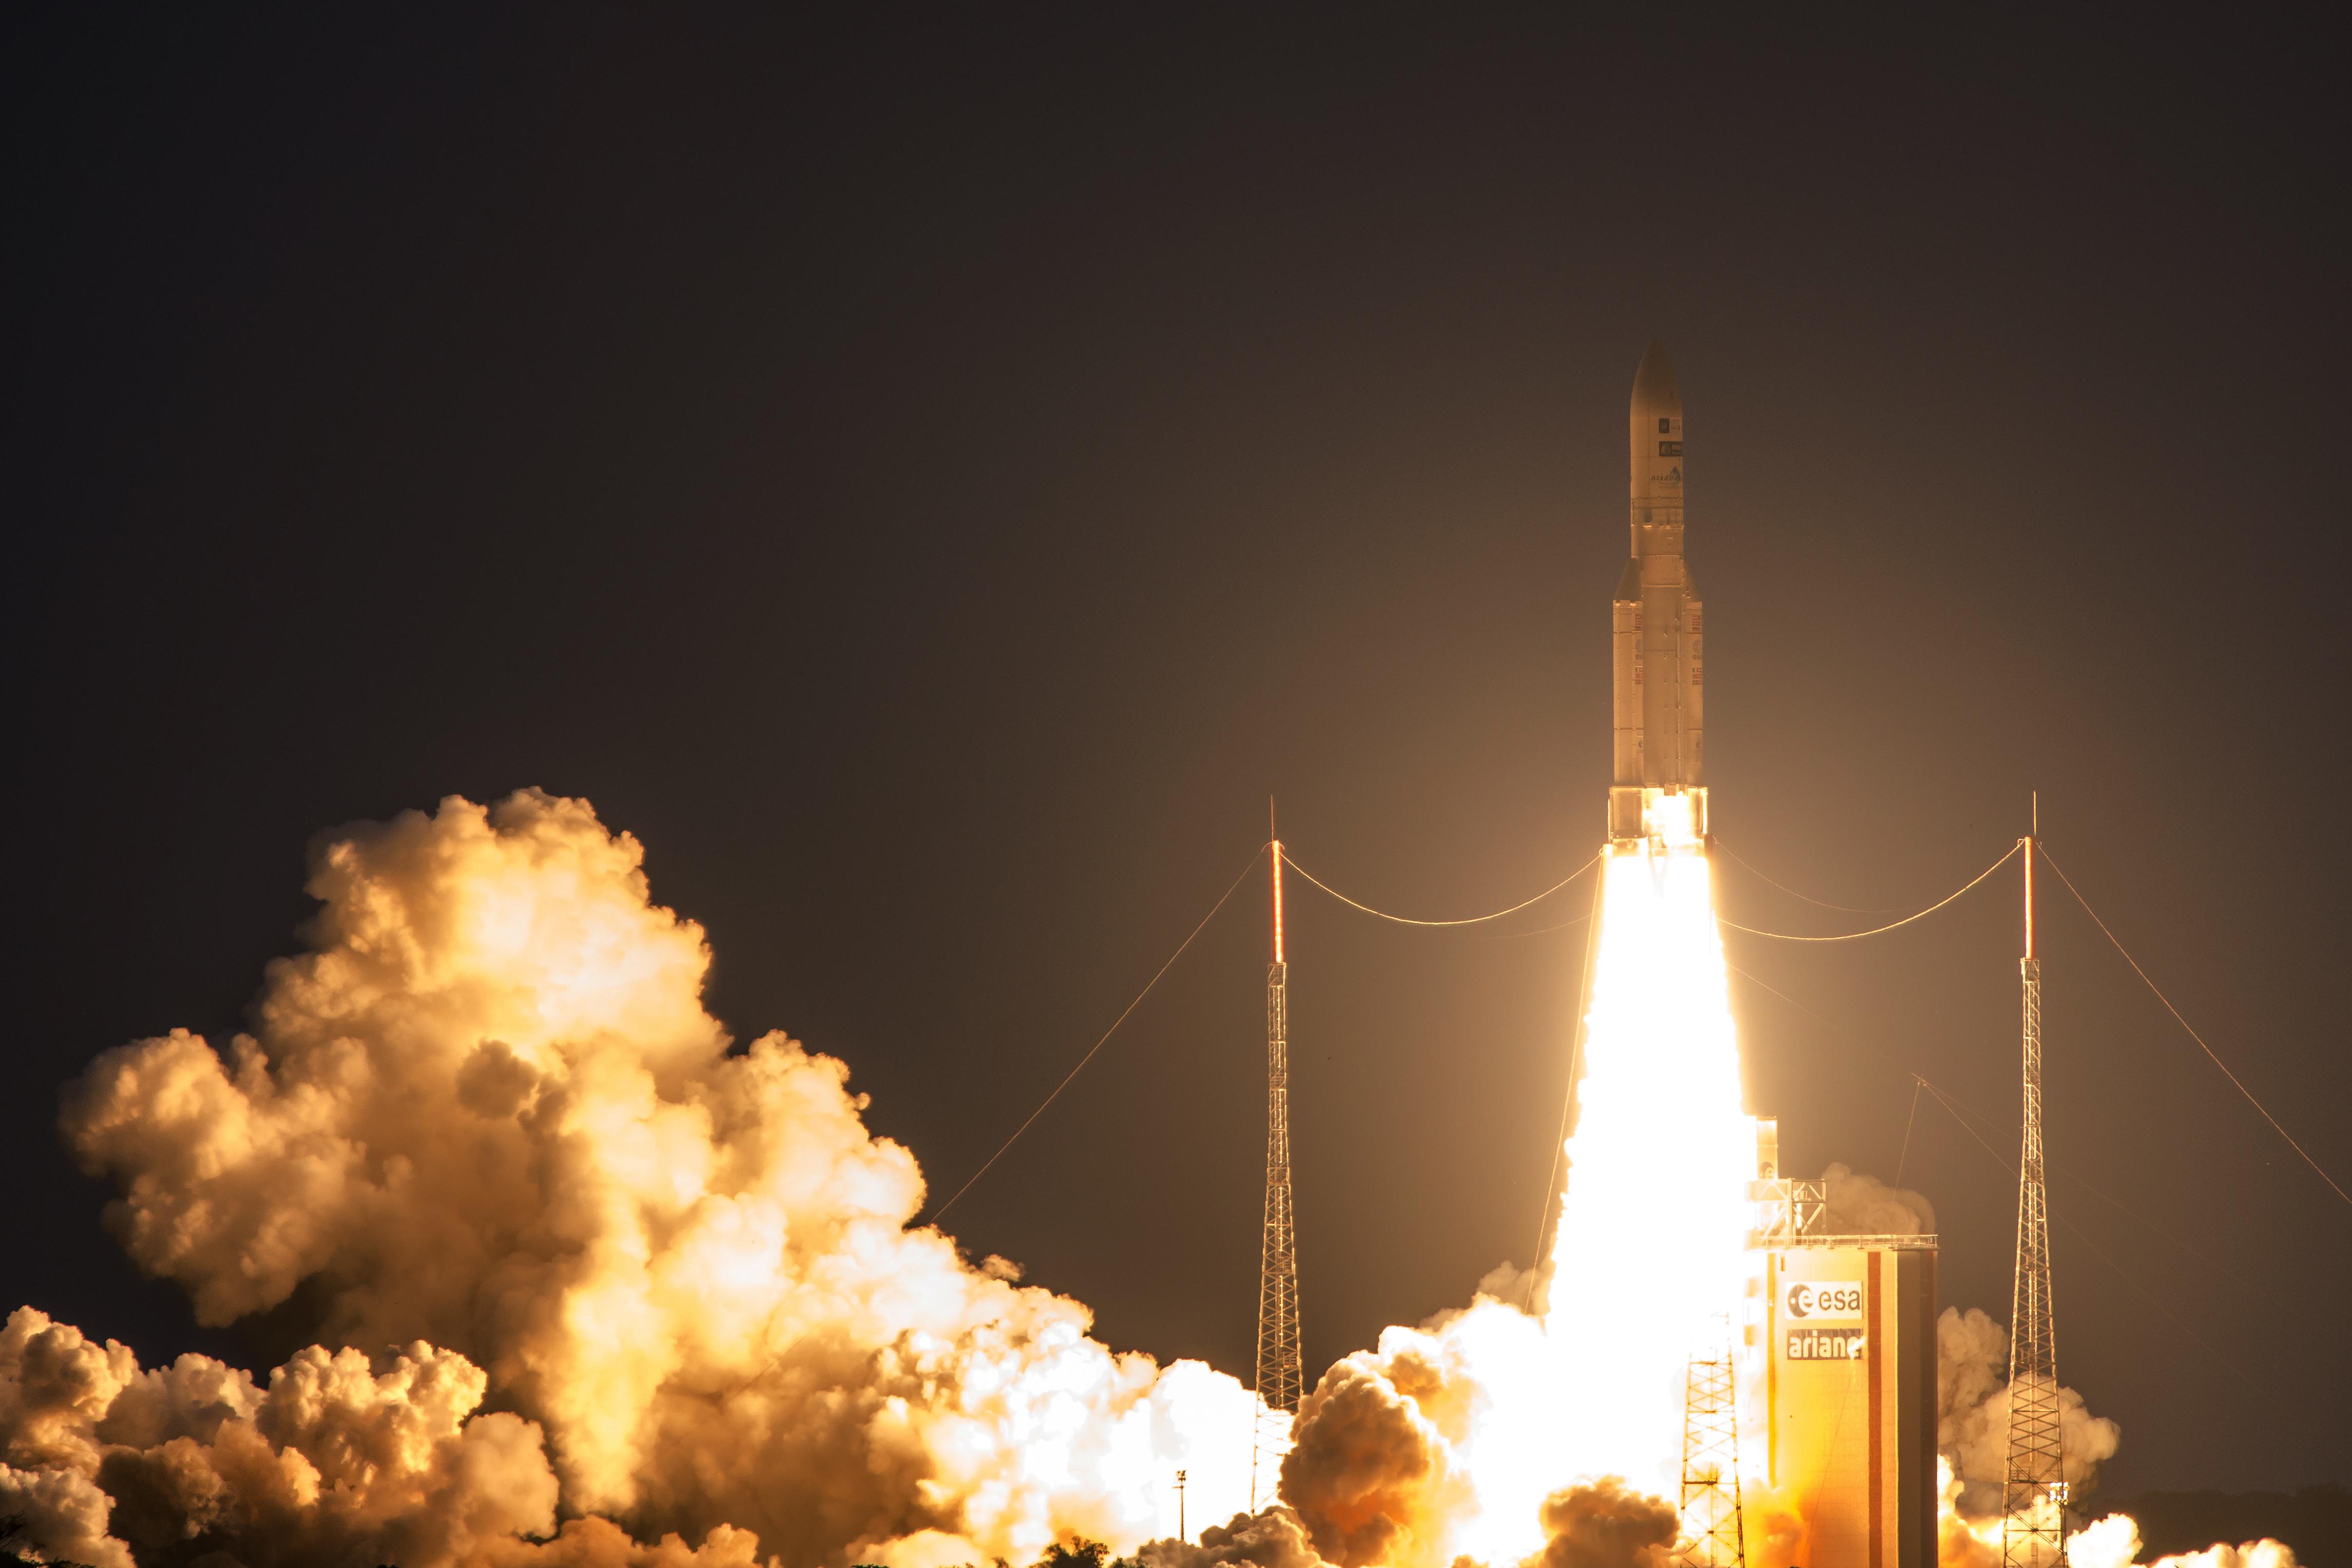 Foguete Ariane 5 com dois satélites a bordo, um deles brasileiro